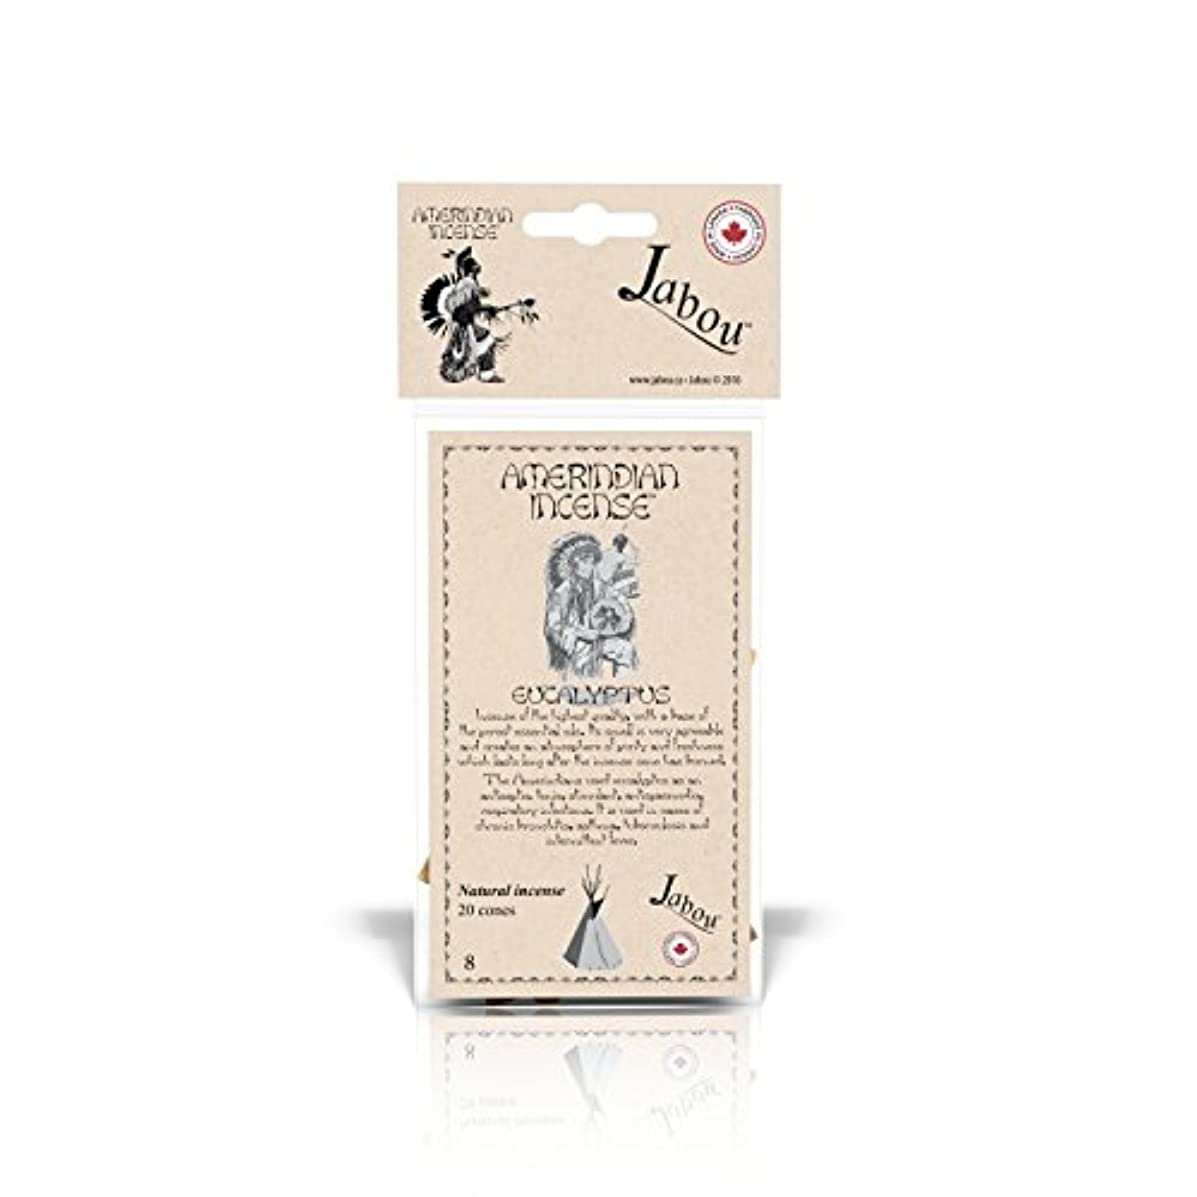 ライターゴミ箱フィードバックJabou Amerindian 100%天然お香 コーン - 14個のアロマ - 瞑想 ヨガ リラクゼーション マジック ヒーリング 祈り 儀式 - 20個のコーン 各30分以上持続